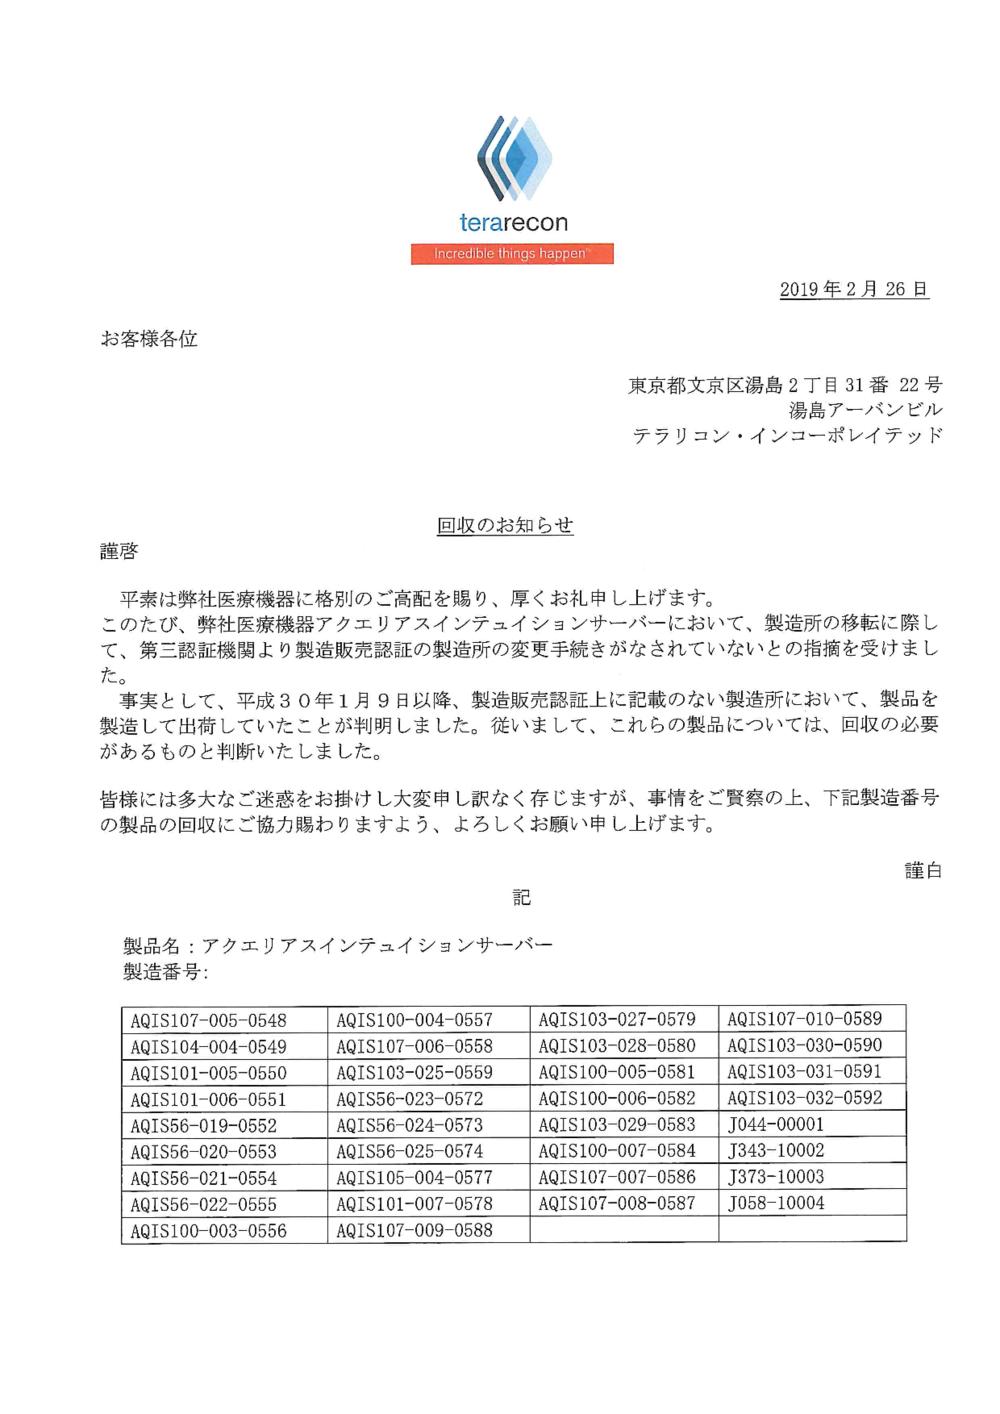 回収のお知らせ20190226_p001.png